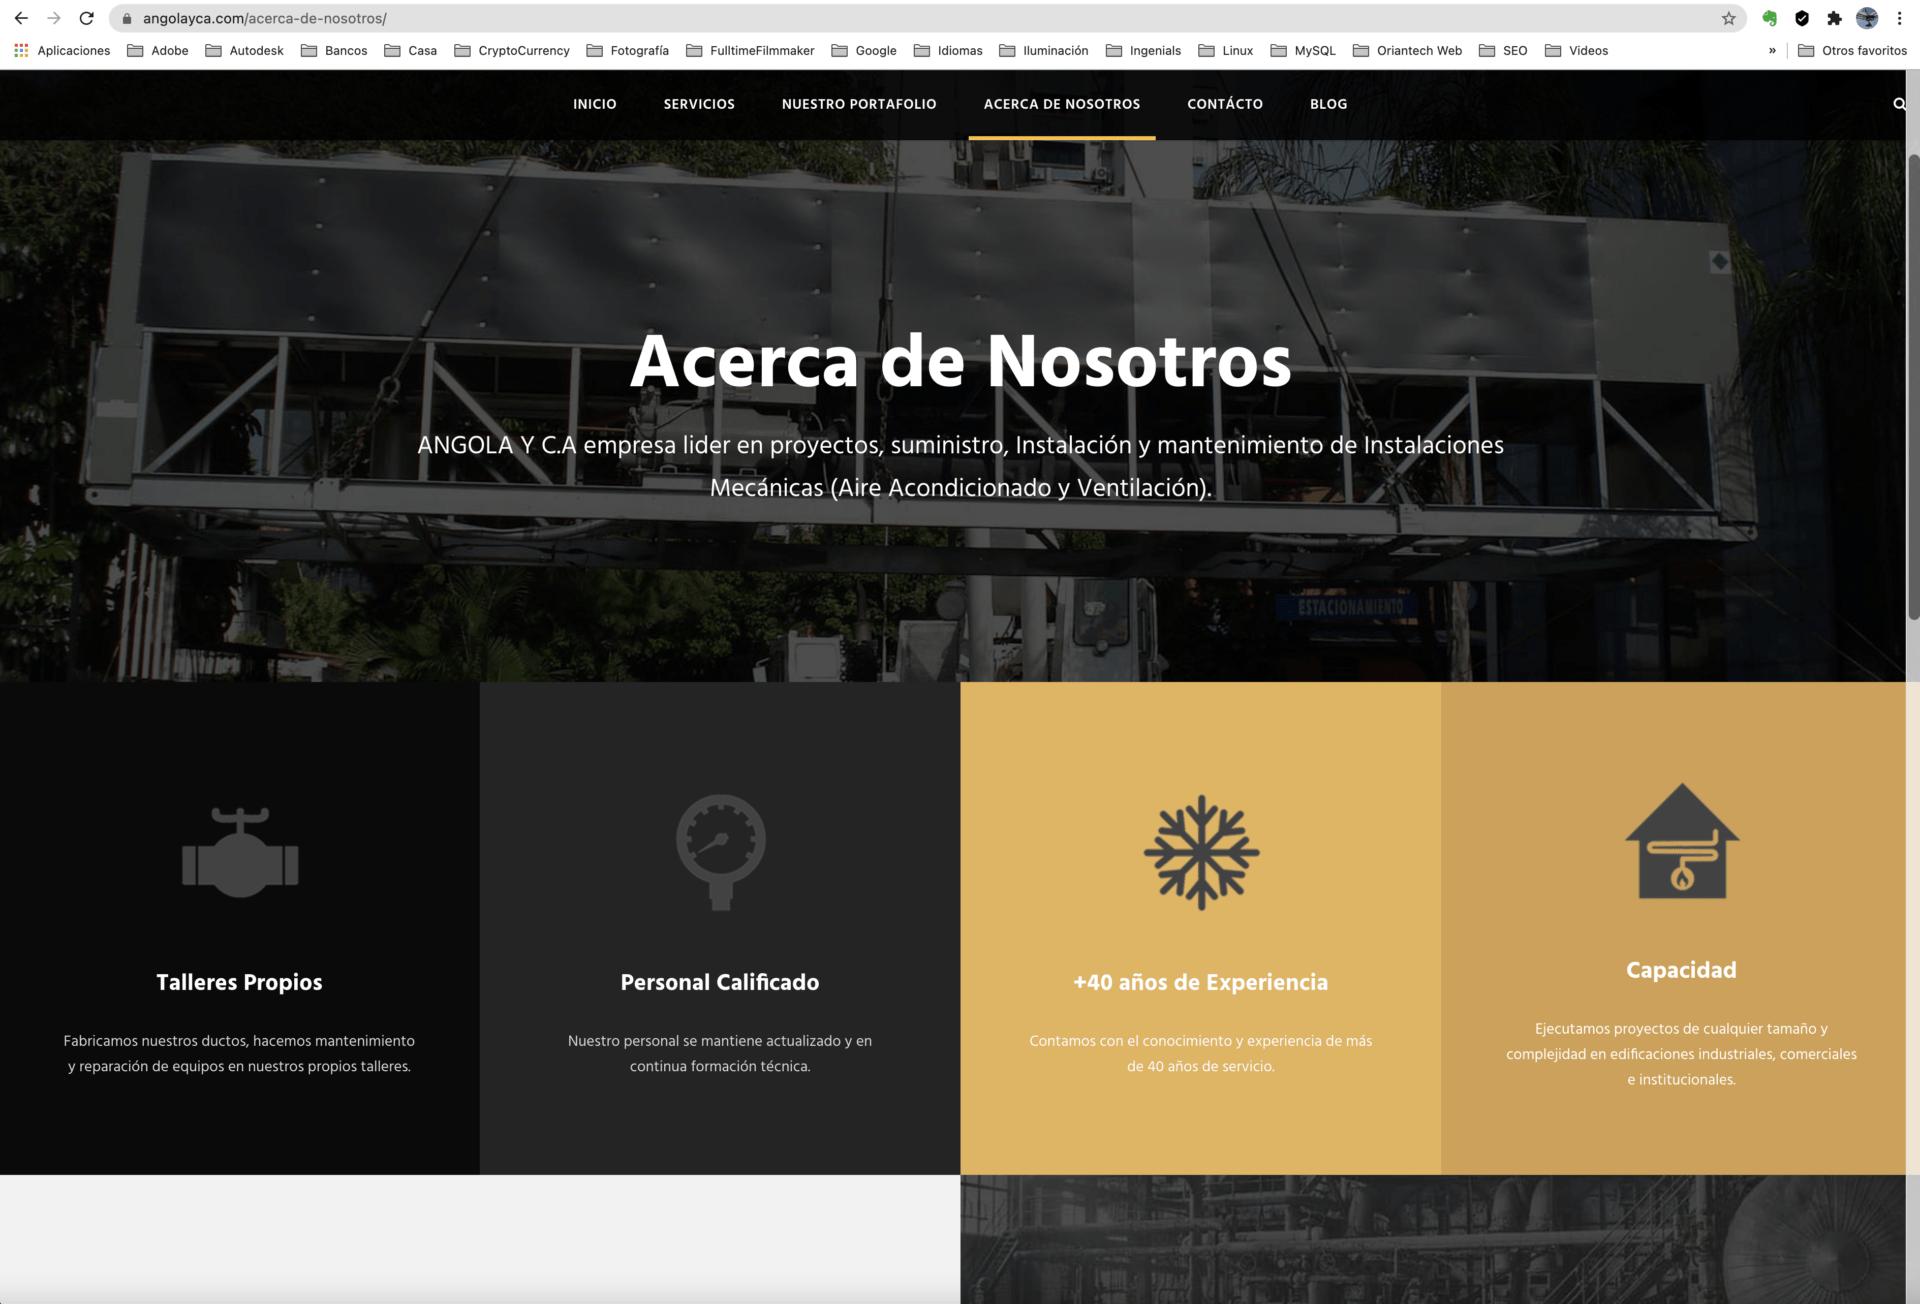 oriantech-angolayca.com-2